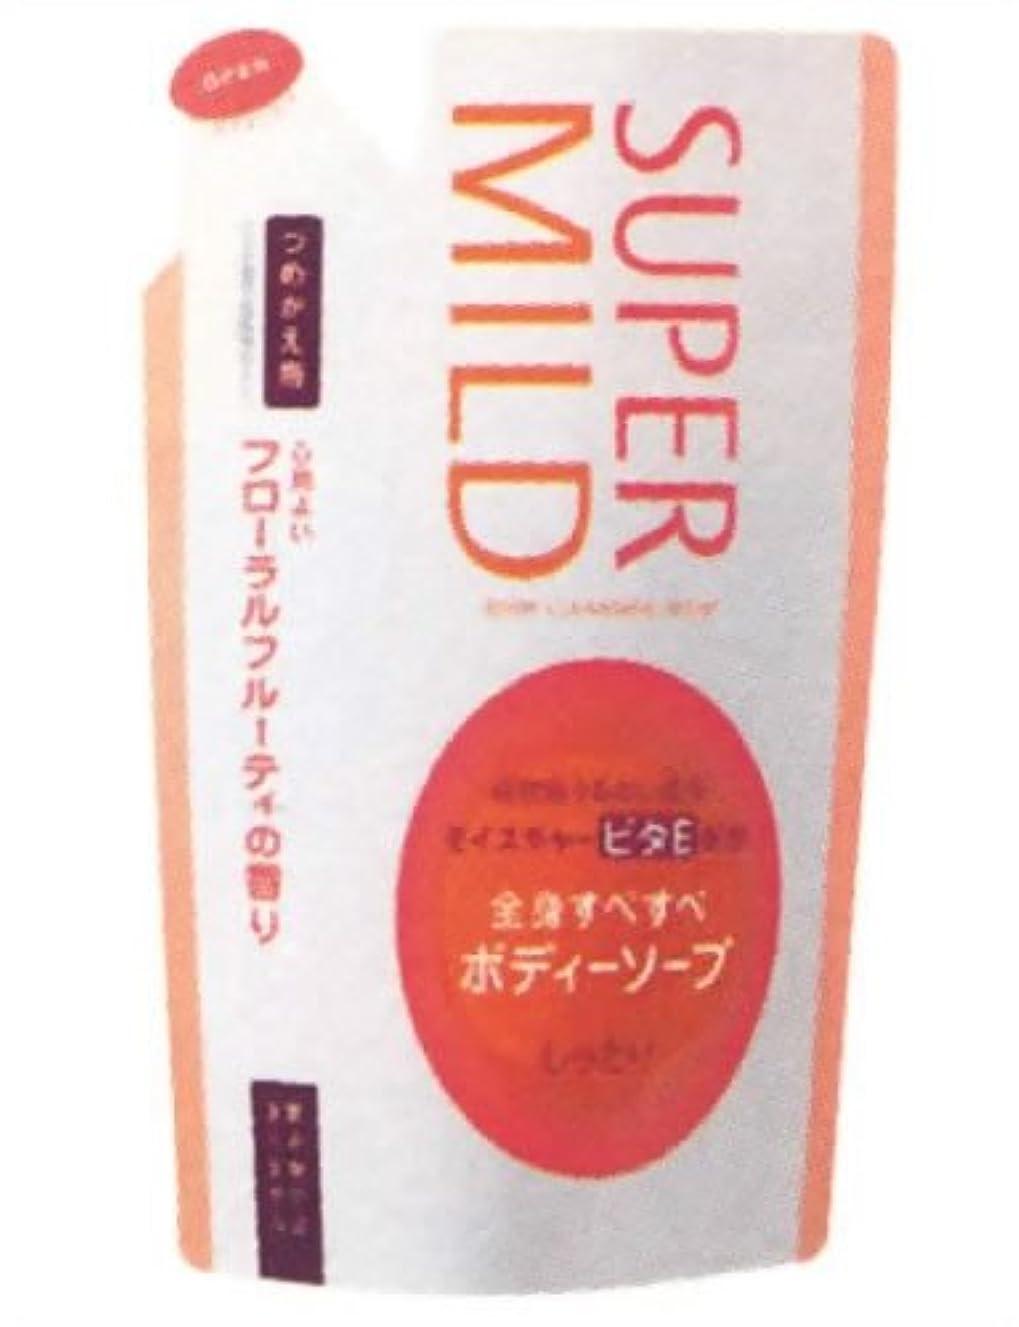 処分した舗装する操作可能スーパーマイルドボディソープ(しっとり)つめかえ フローラルフルーティの香り 500ml